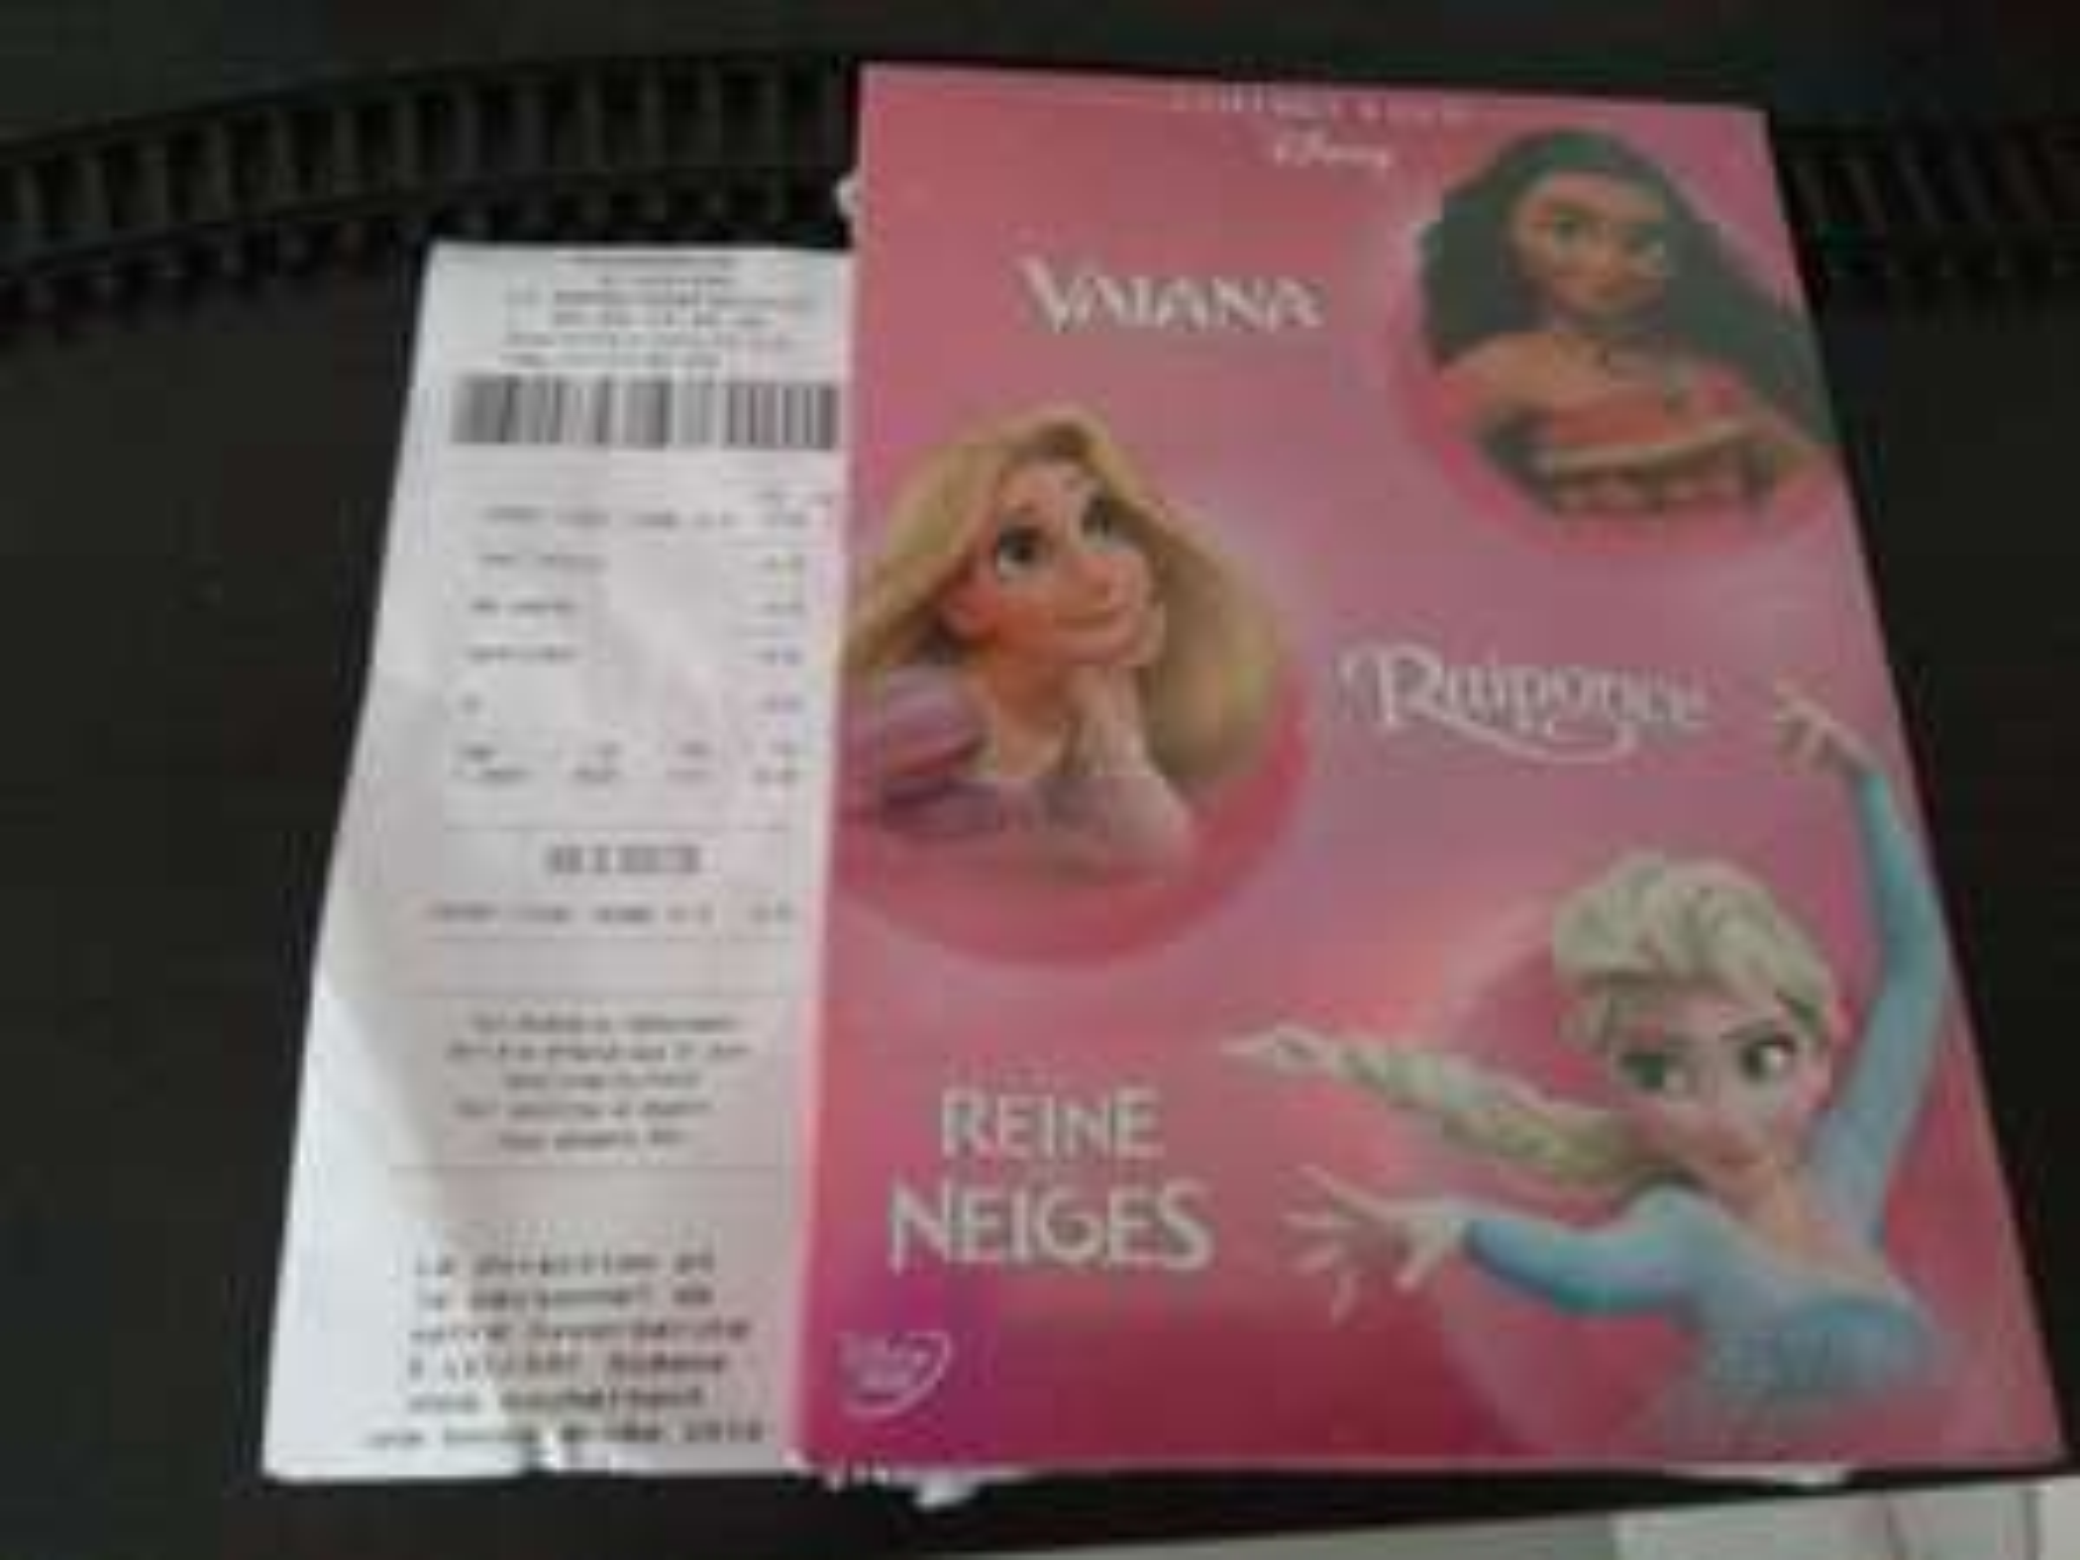 Coffret DVD Raiponce + La Reine des Neiges + Vaiana au E.Leclerc Gonfreville-l'Orcher (76)